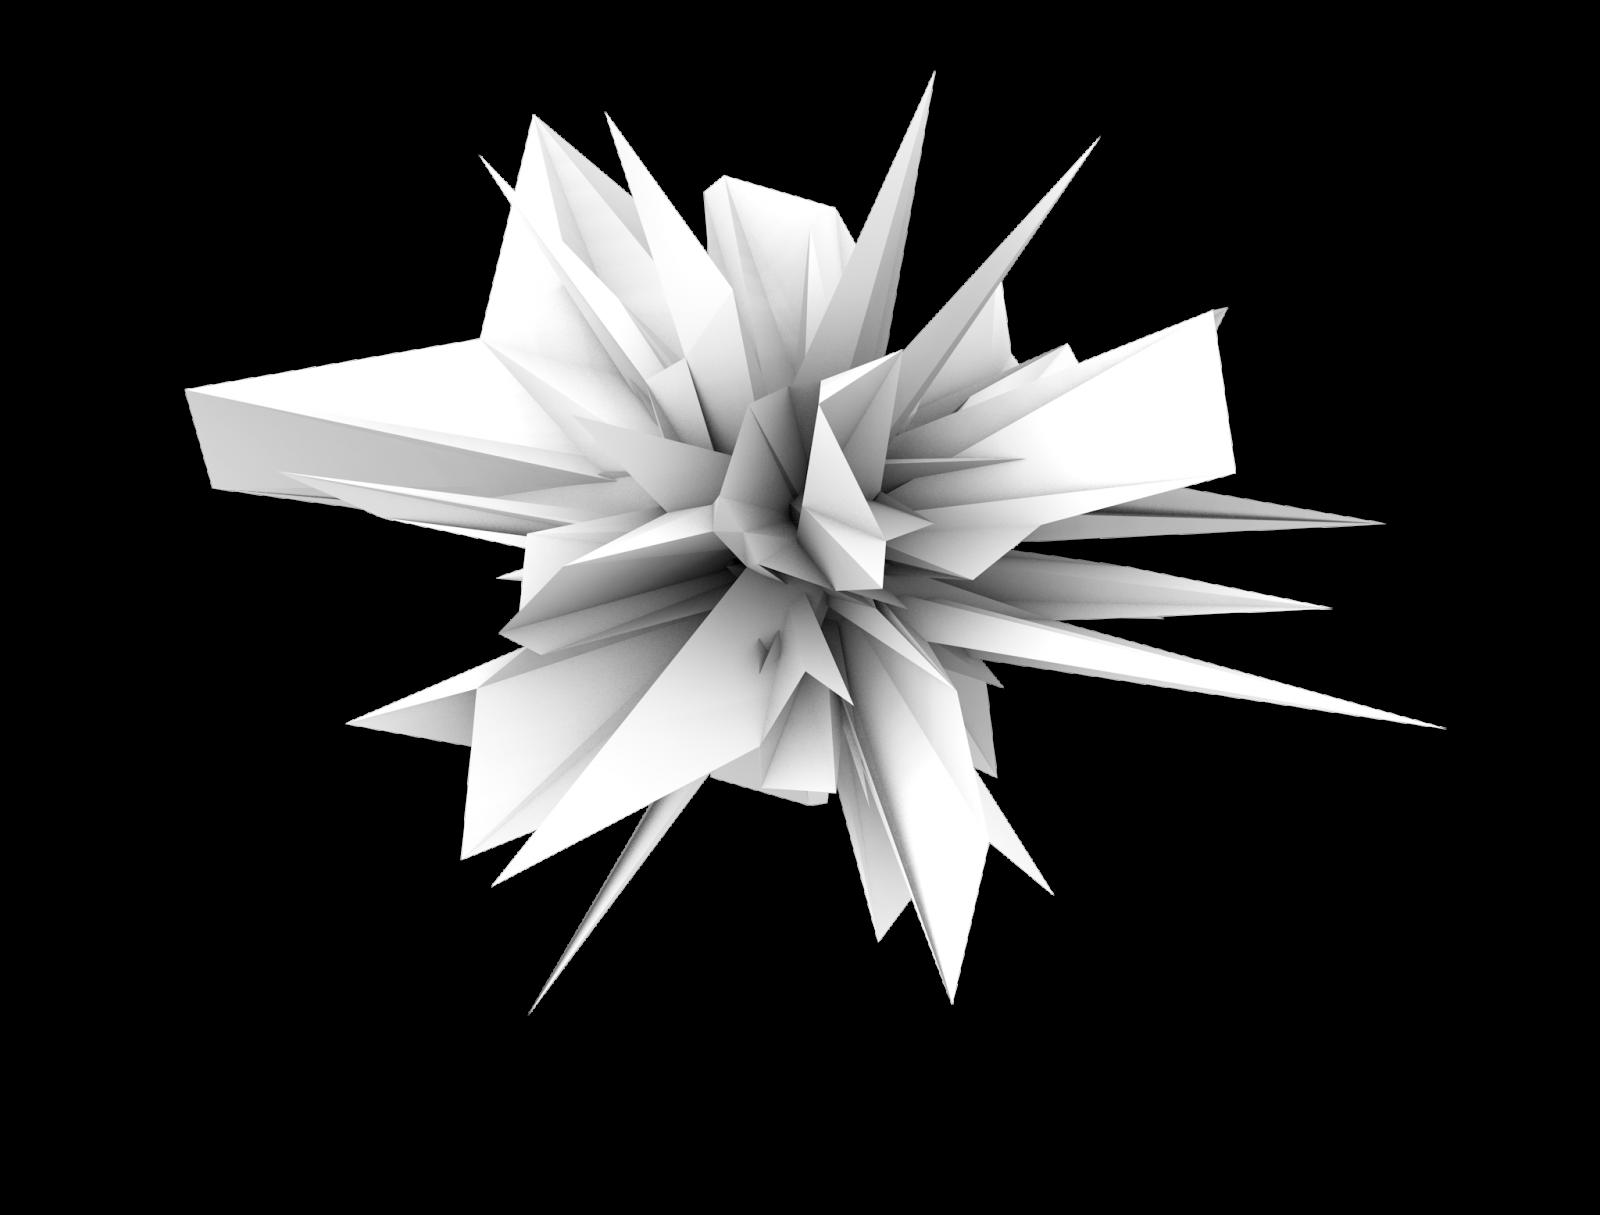 Sfondi Bianca Illustrazione Arte Digitale Monocromo